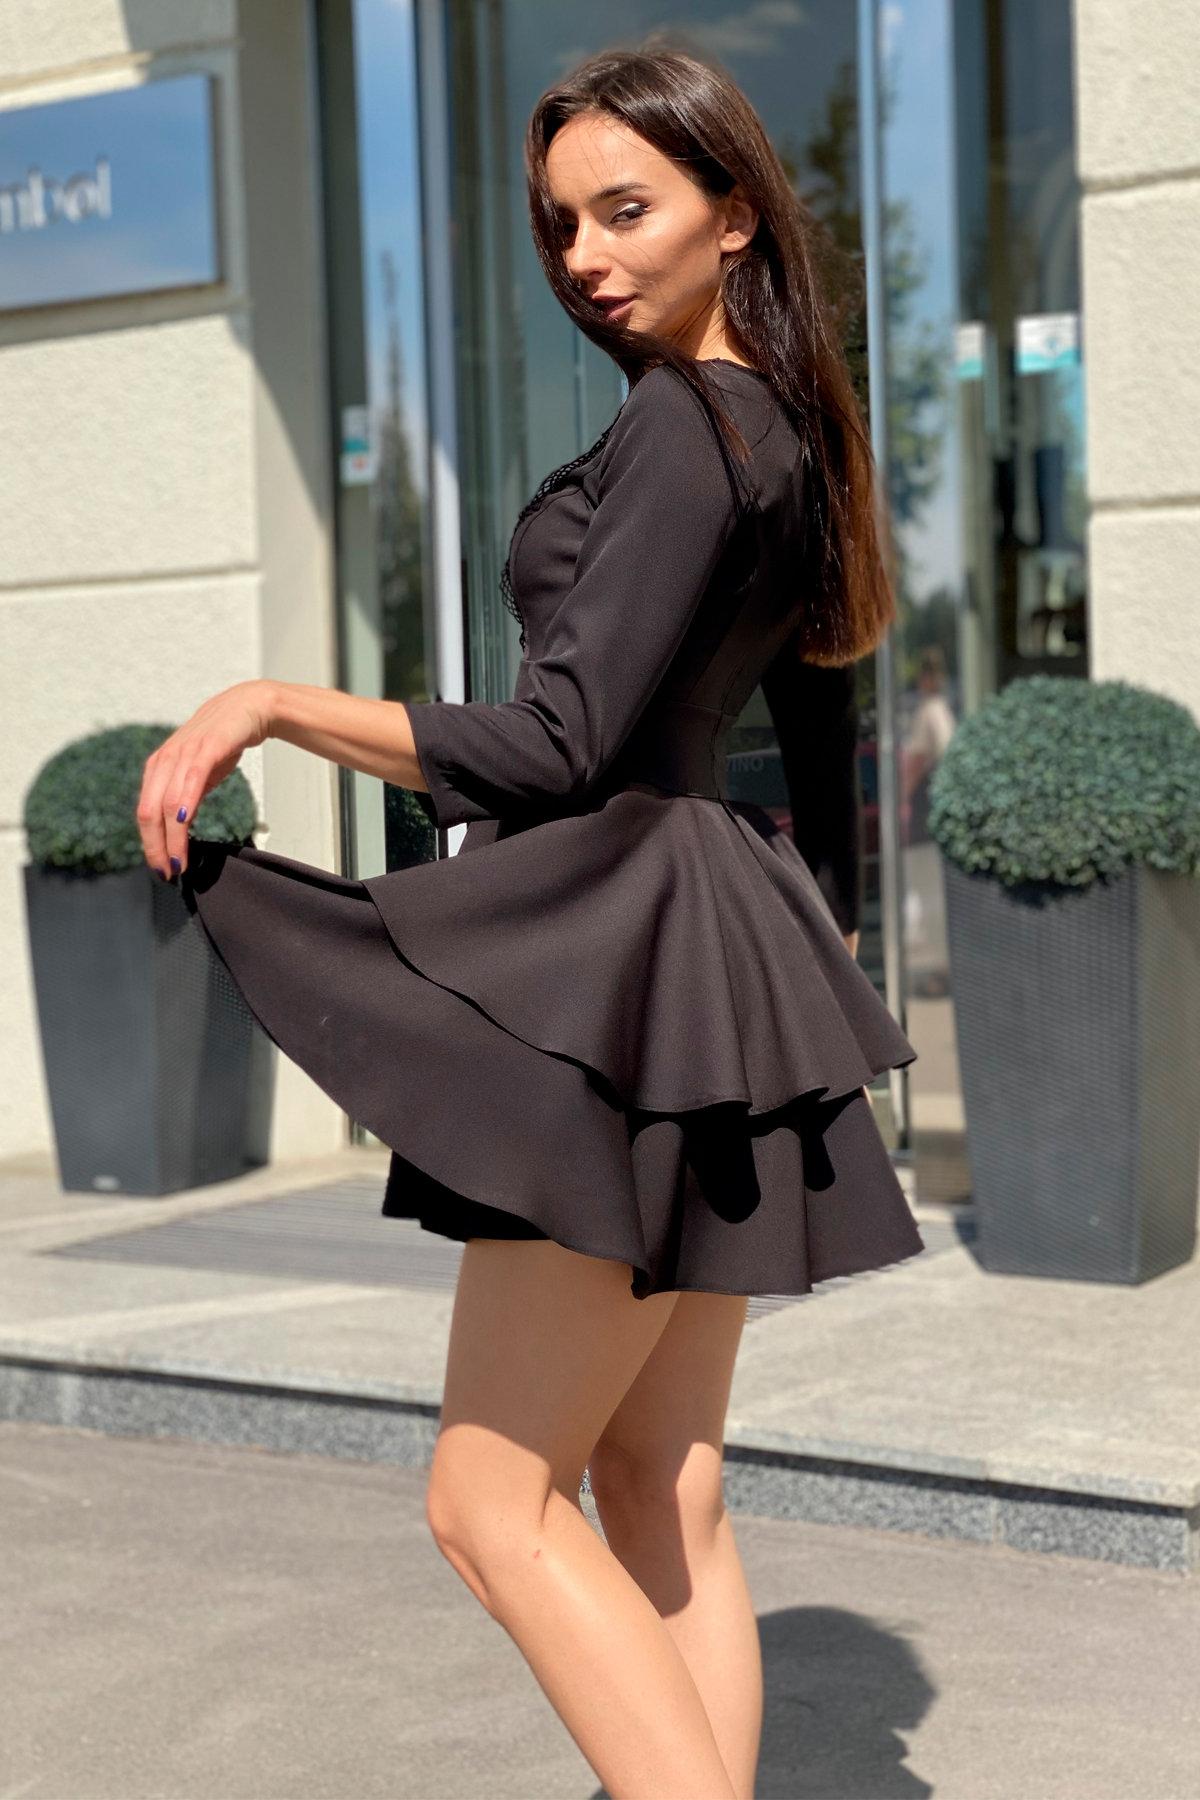 Платье с двухслойной юбкой Абико 5516 АРТ. 37044 Цвет: Черный - фото 2, интернет магазин tm-modus.ru